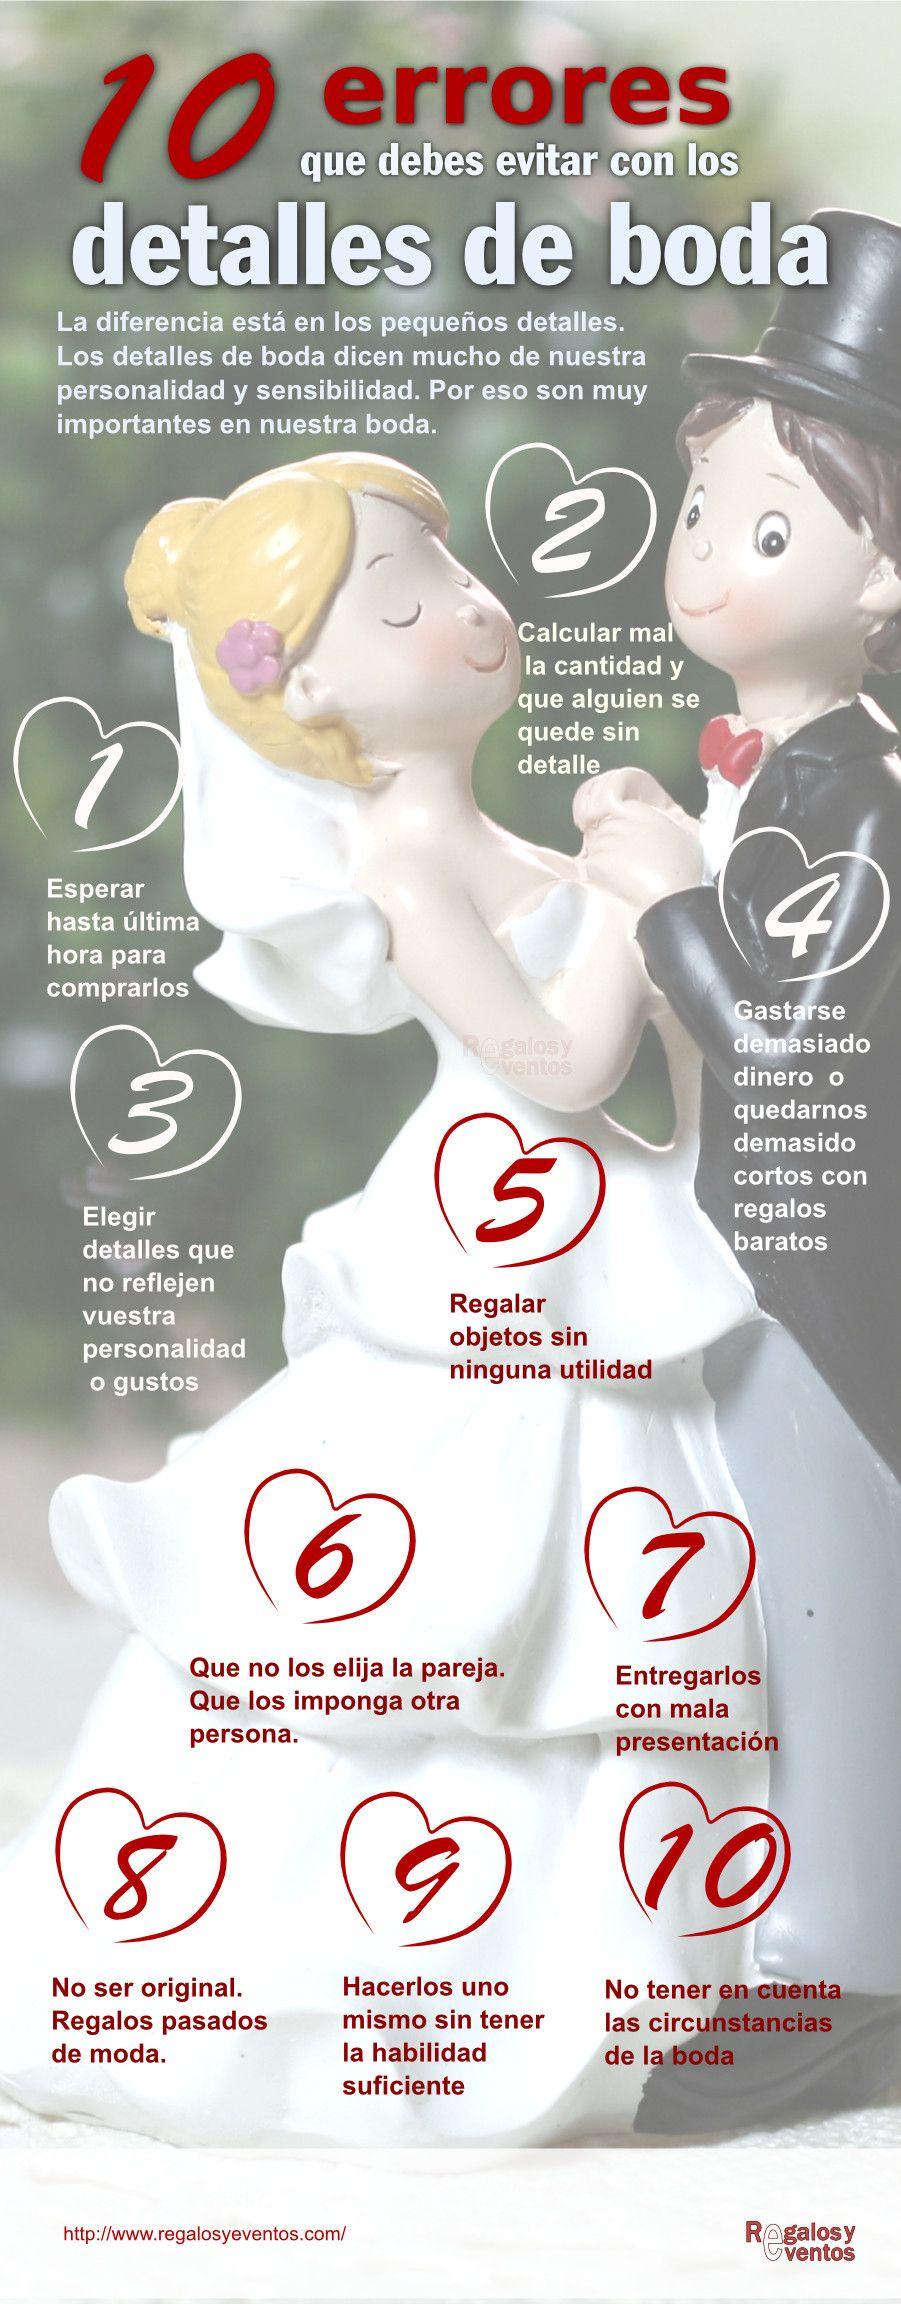 Los errores de los #detalles de #boda